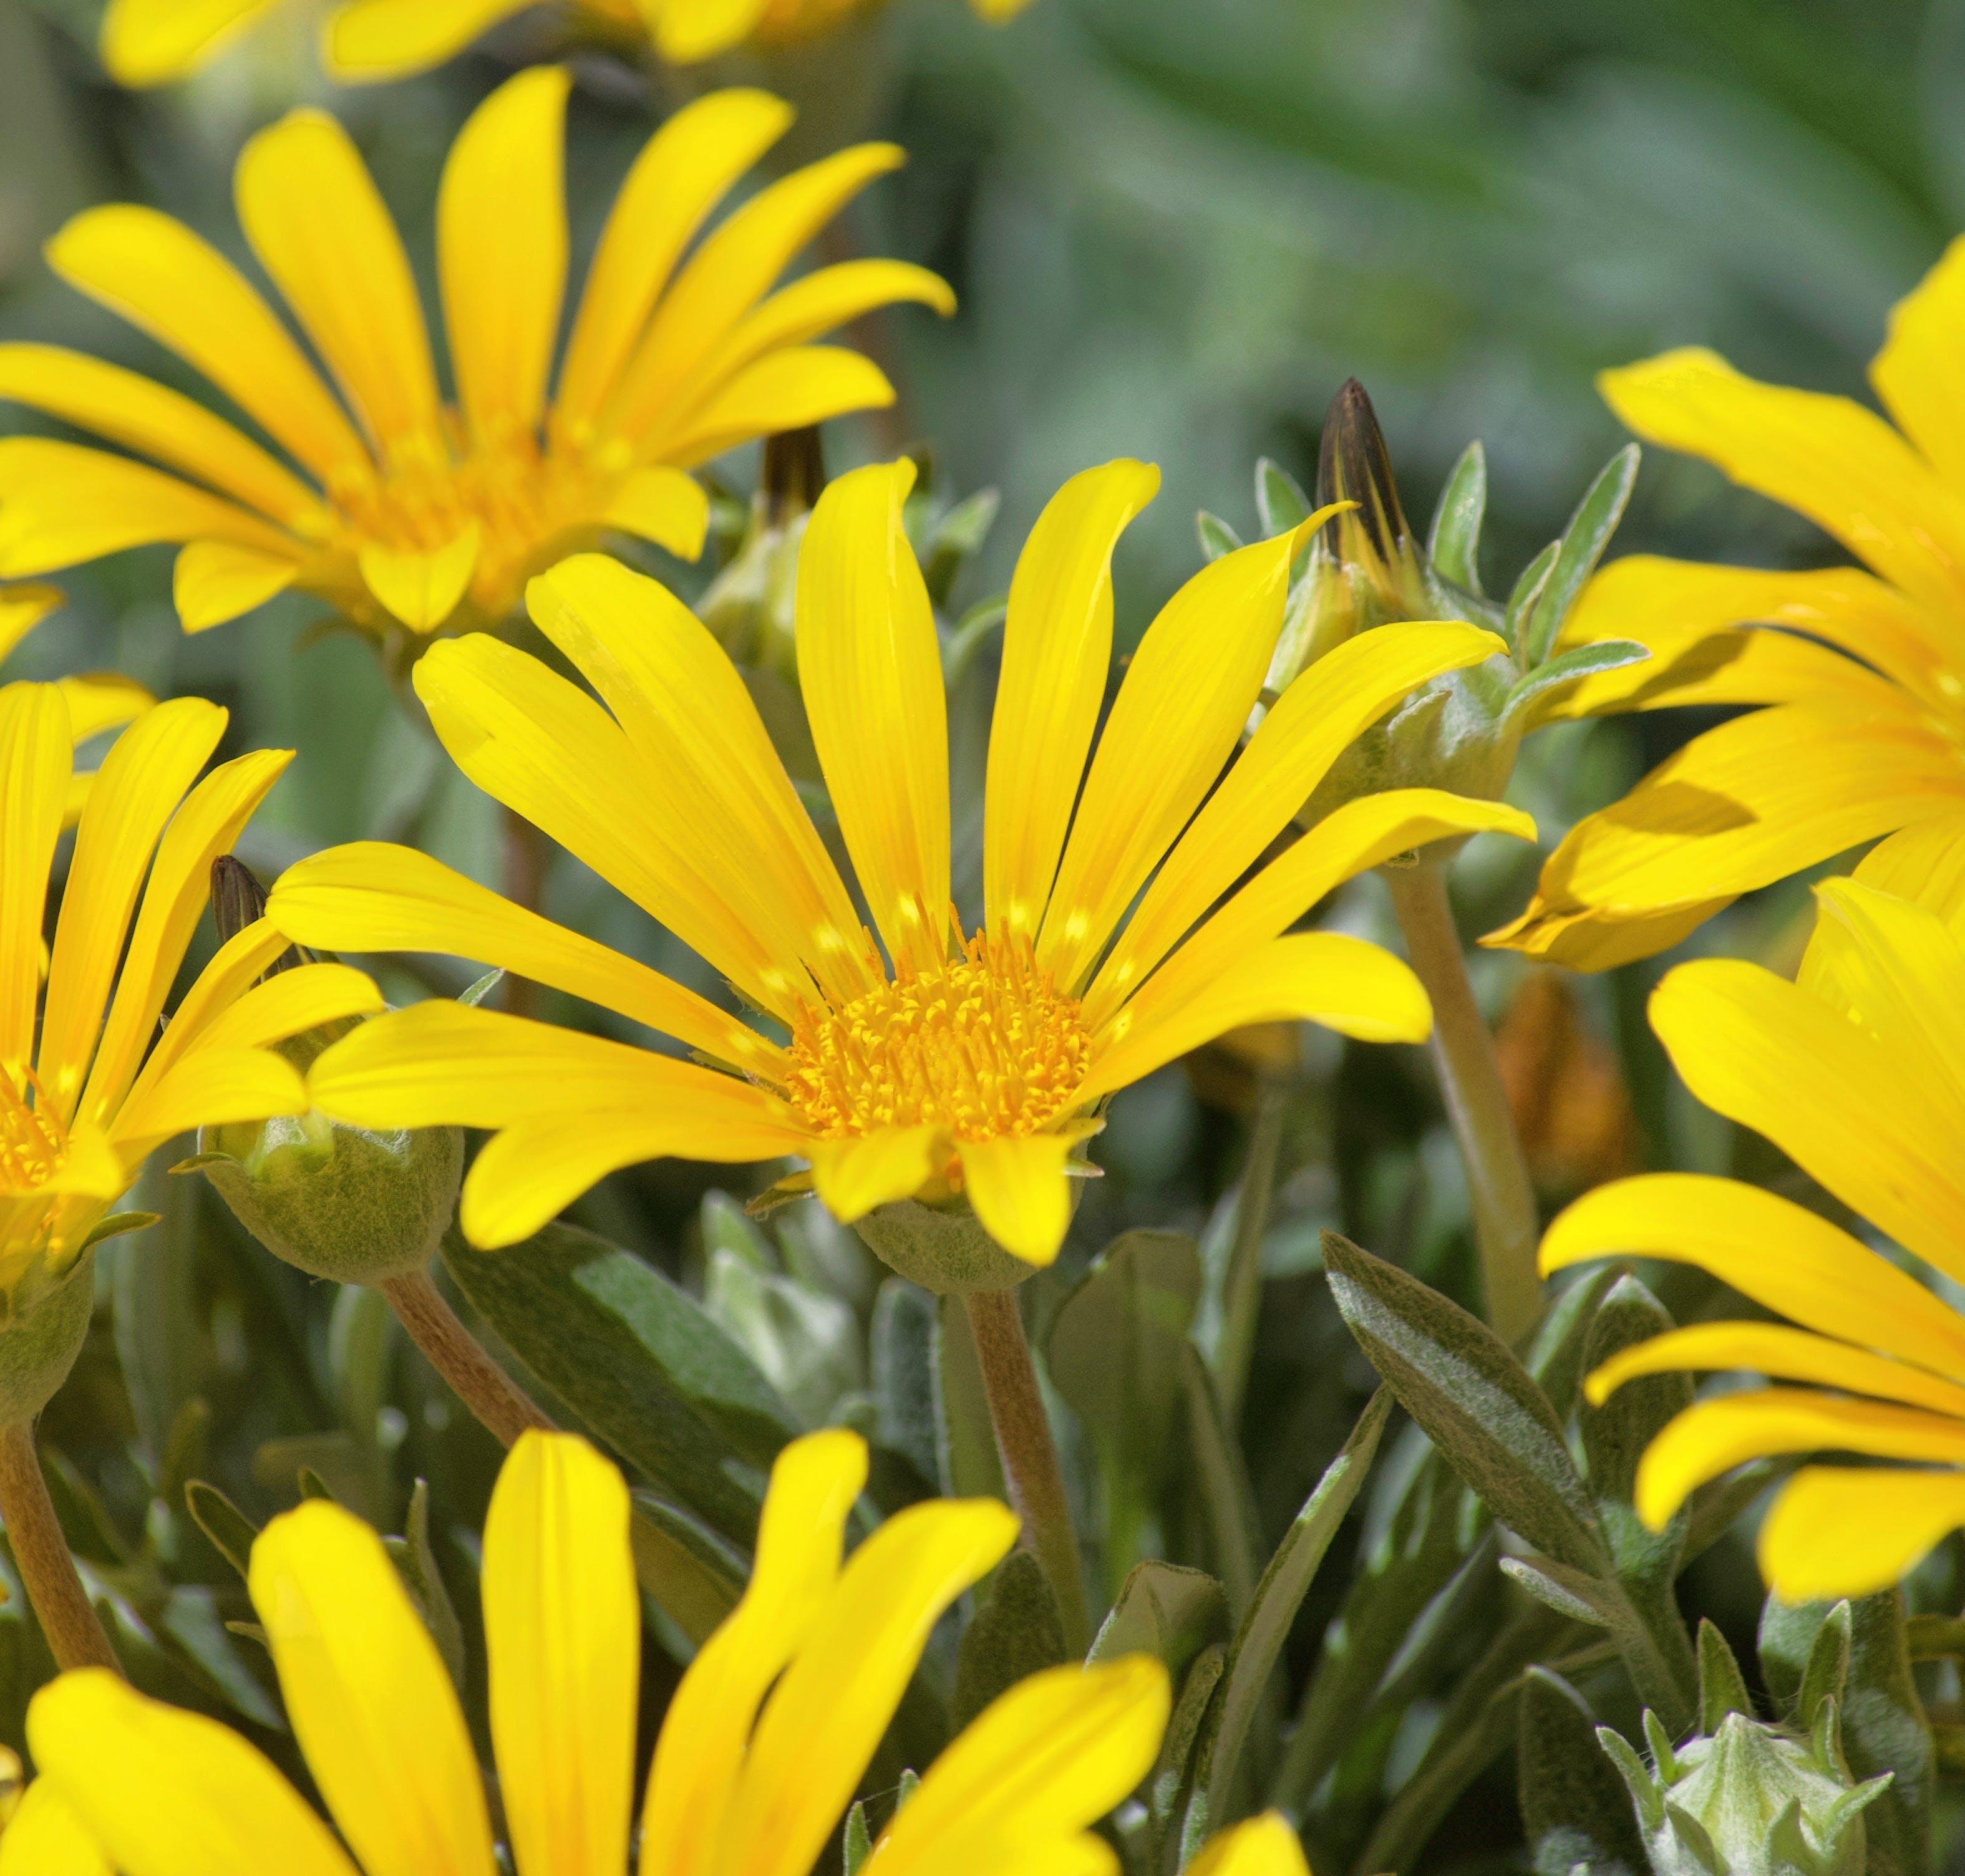 Kostenloses Stock Foto zu frühlingsblumen, gänseblümchen, gelb, gelbe wildblumen